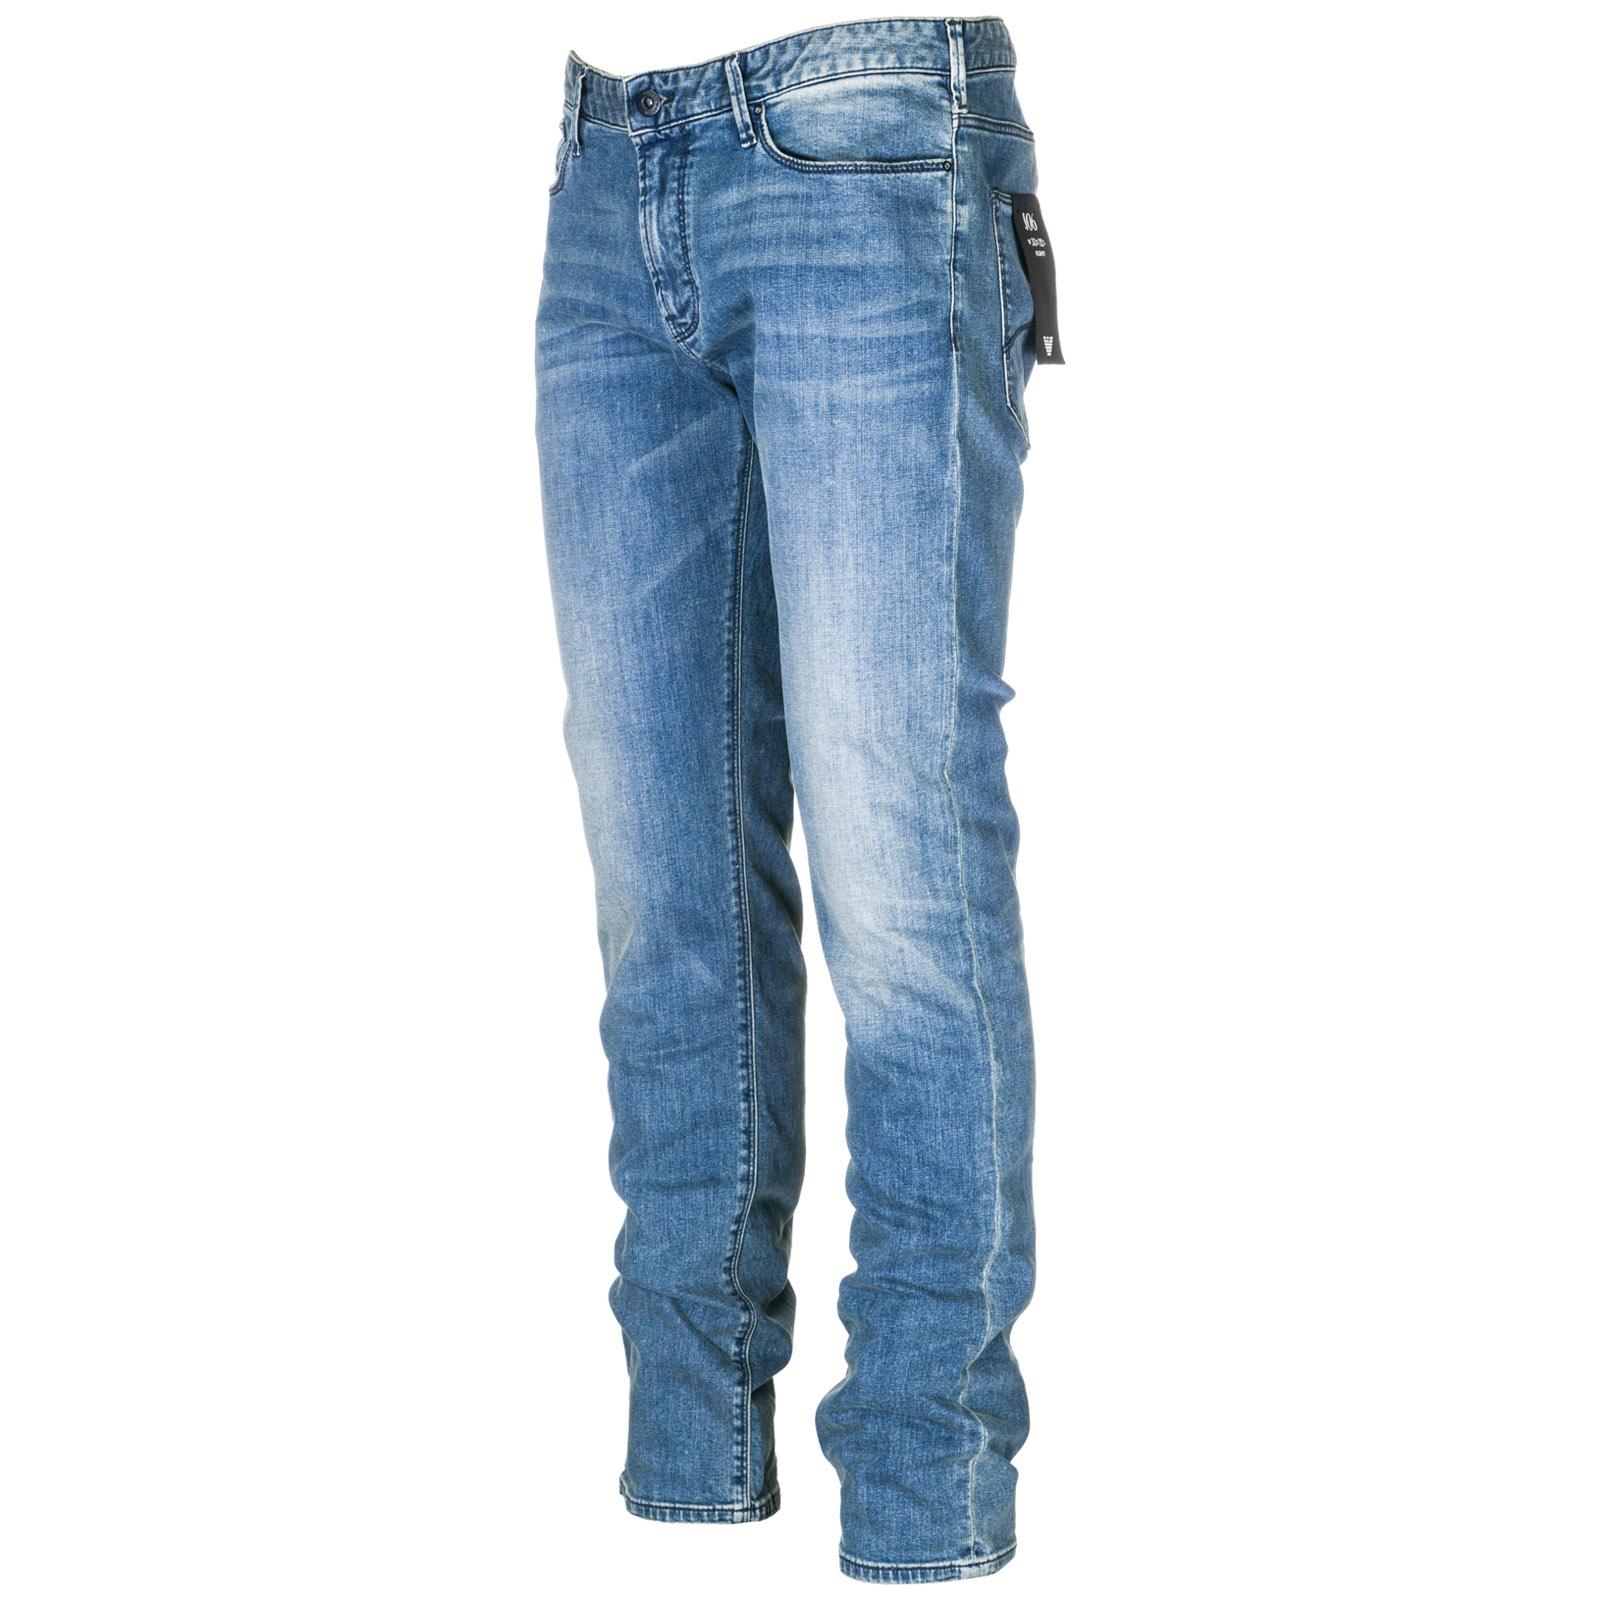 780b7b1d88b7c Vaqueros jeans denim de hombre pantalones Vaqueros jeans denim de hombre  pantalones ...